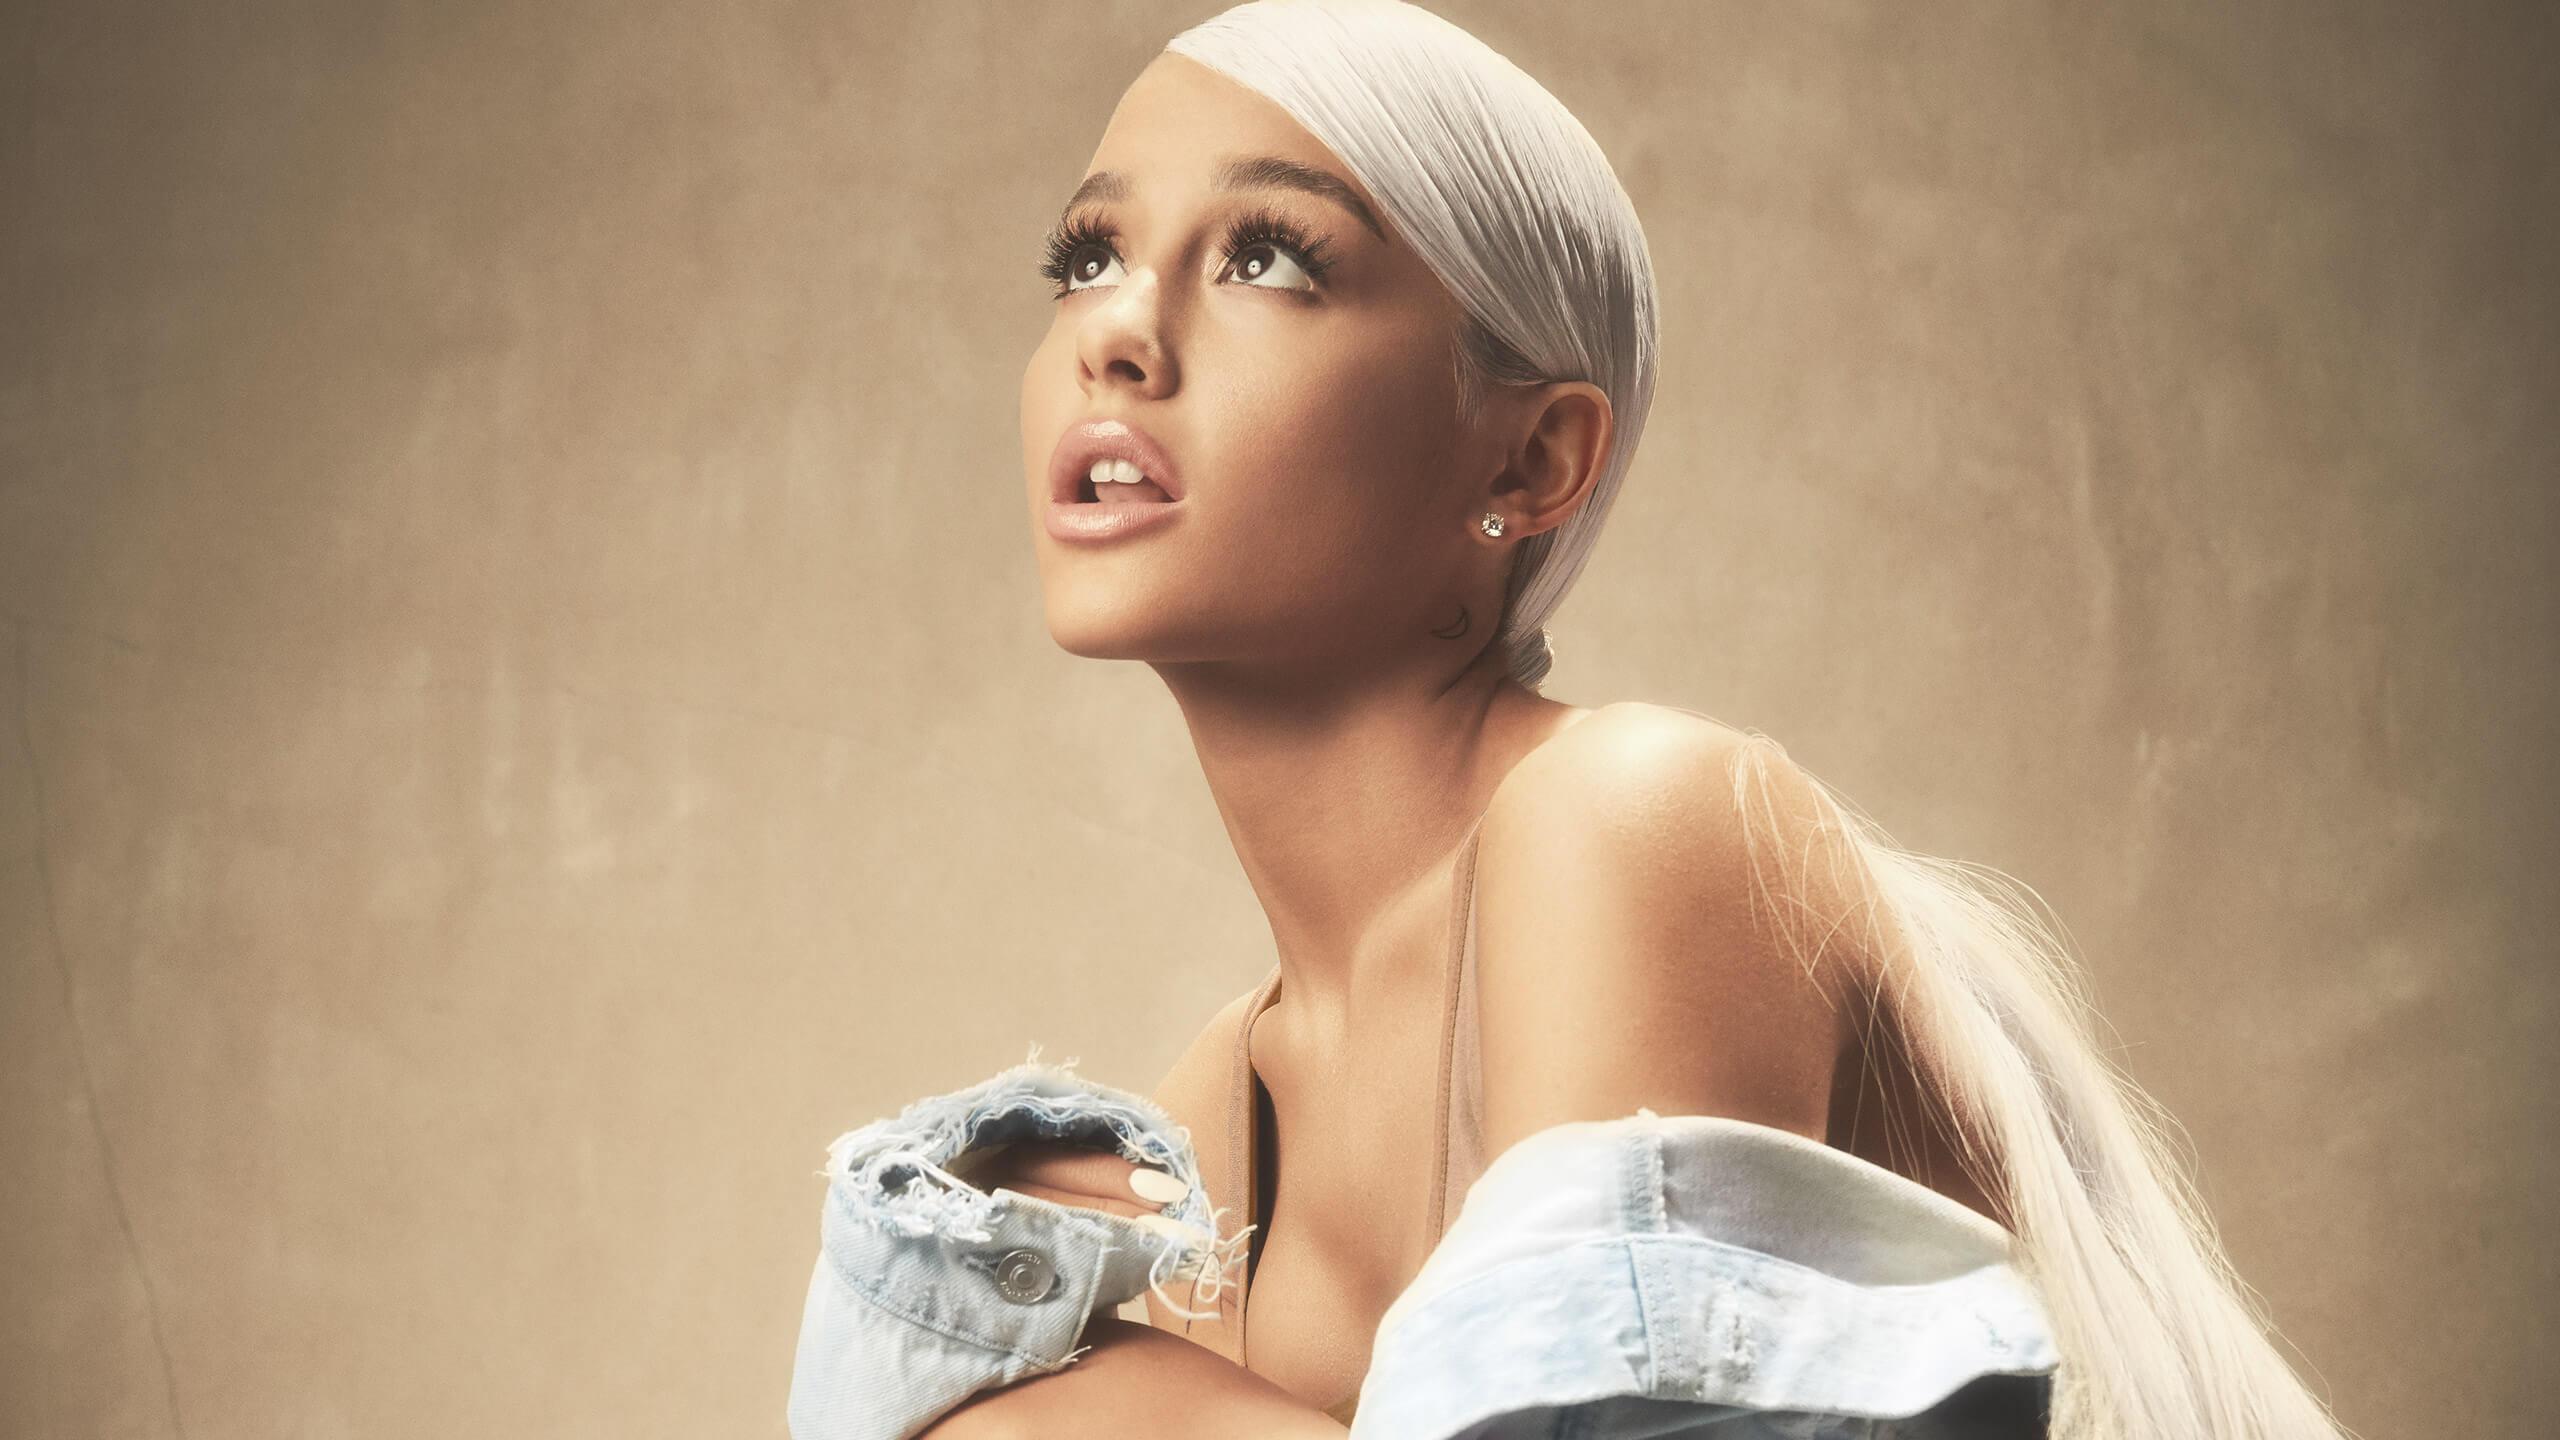 Ariana Grande Universal music